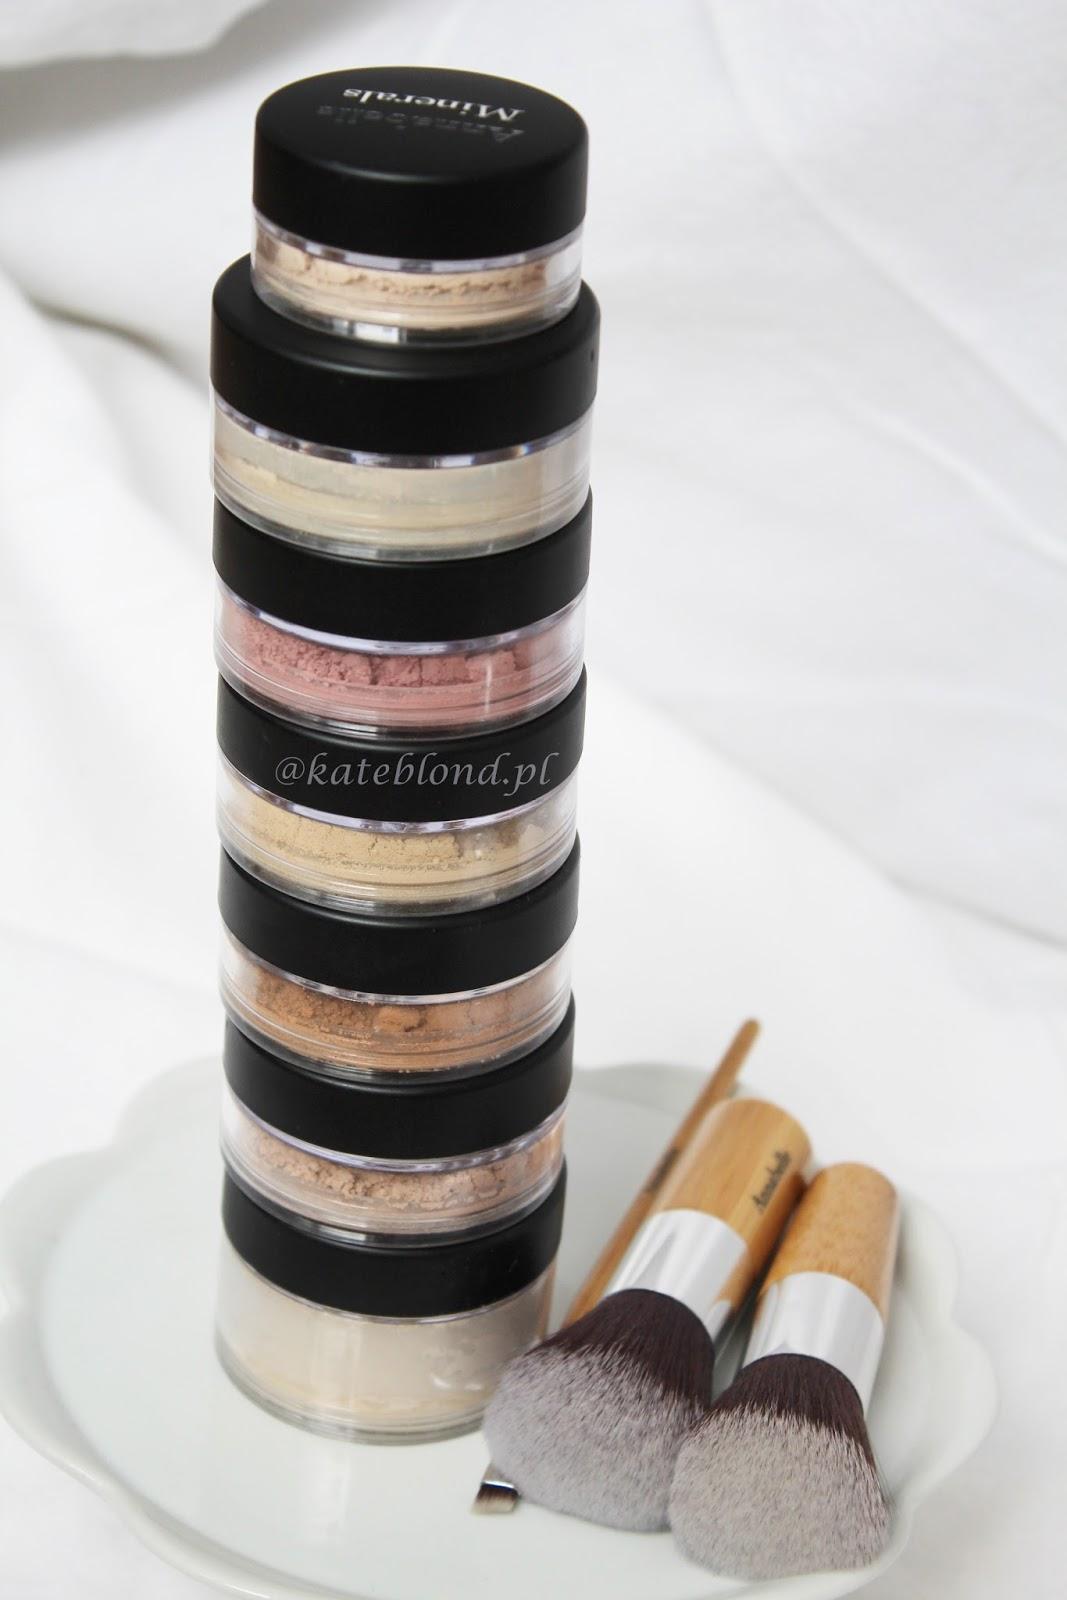 Annabelle Minerals recenzja | Dlaczego warto używać kosmetyki mineralne